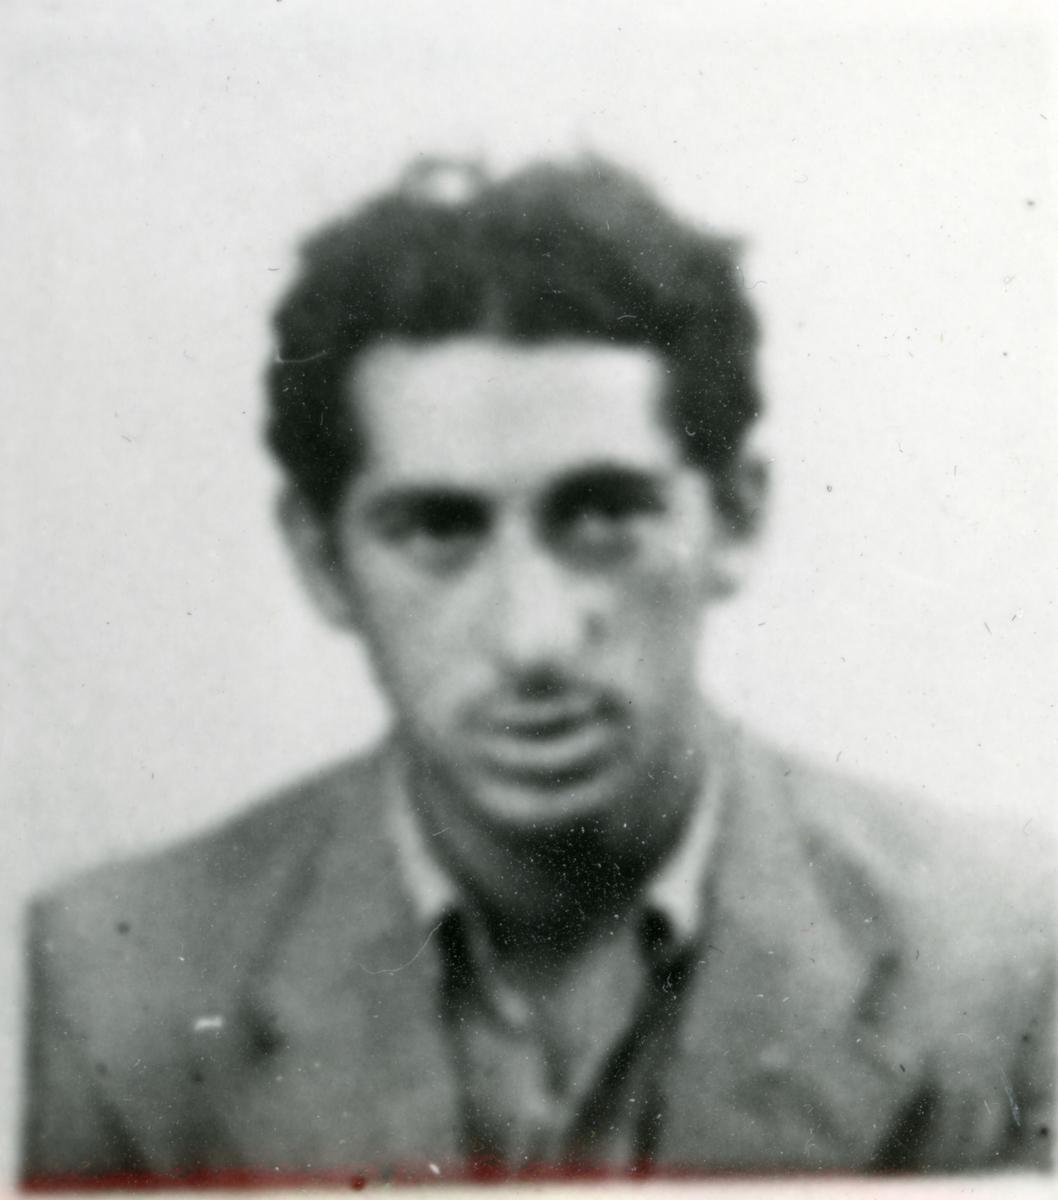 Porträttbild av en ung man. Bildens ursprung är okänt.